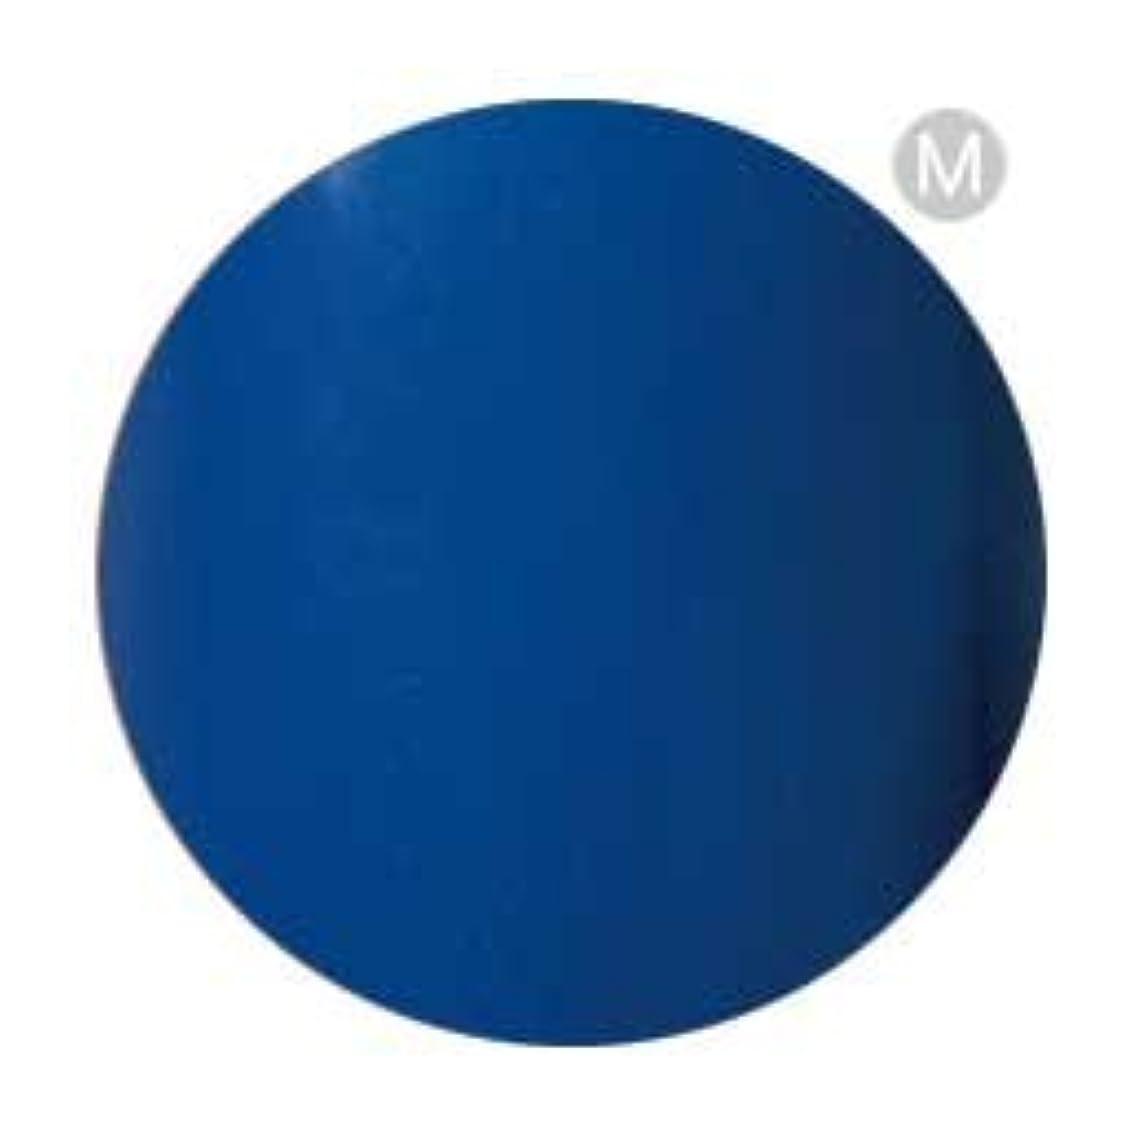 賞賛する渇き冒険家Palms Graceful カラージェル 3g 004 ブルー